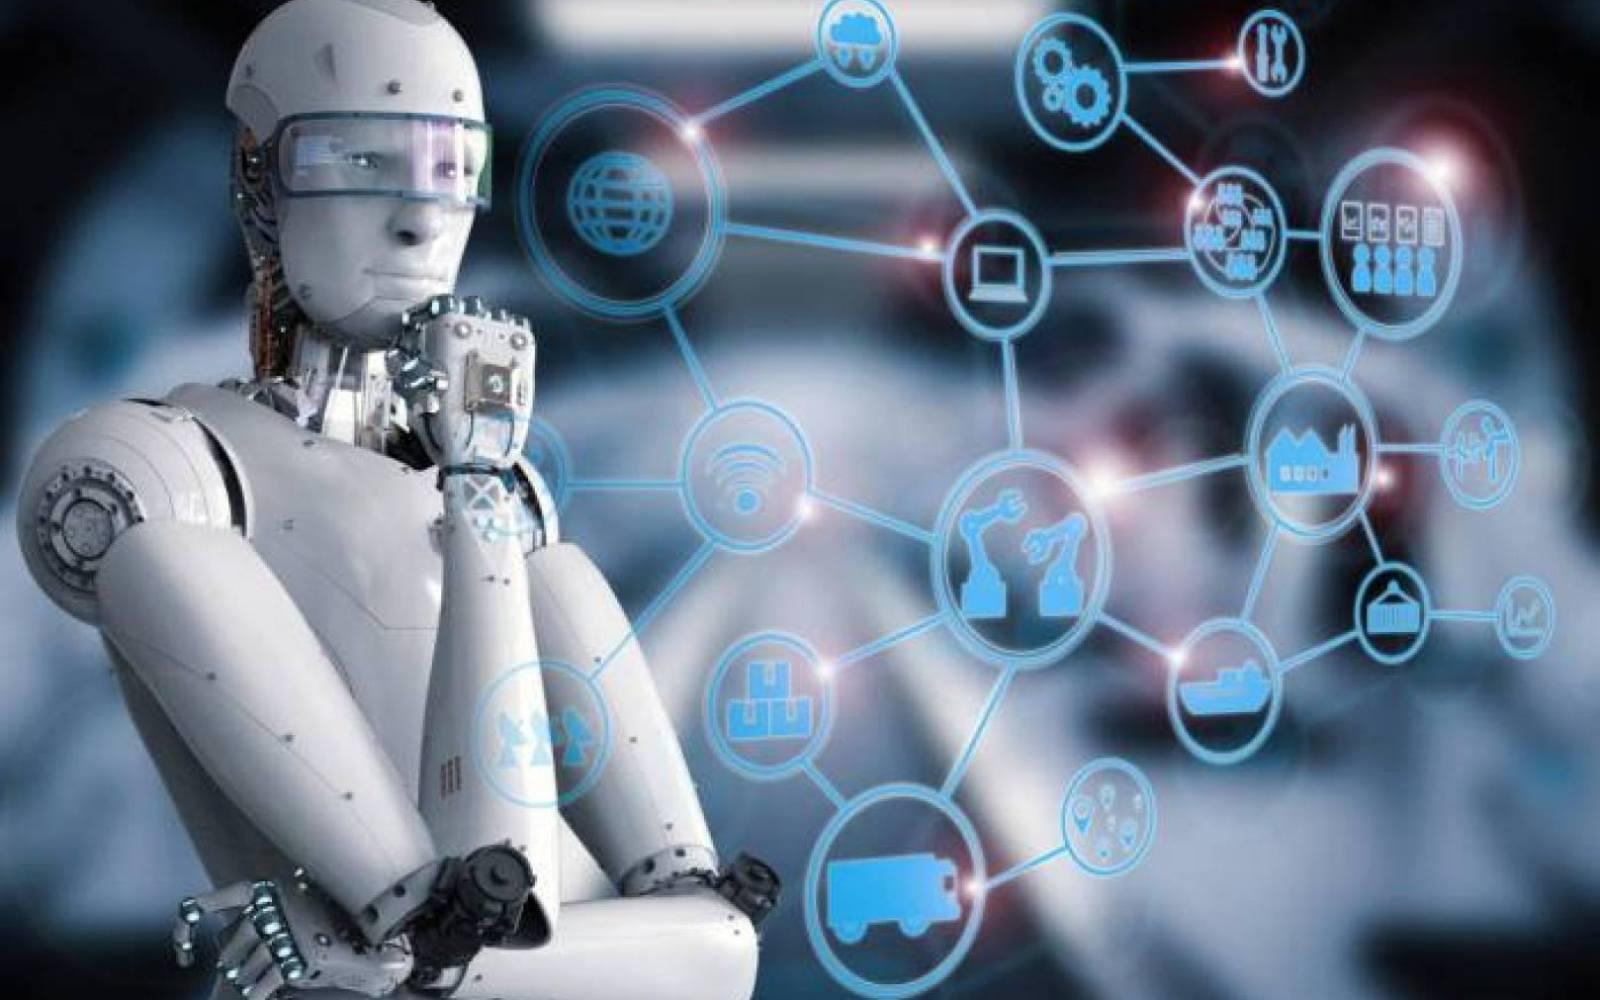 صورة تنسيق كلية الذكاء الاصطناعي 2020 ورسومها والأوراق المطلوبة